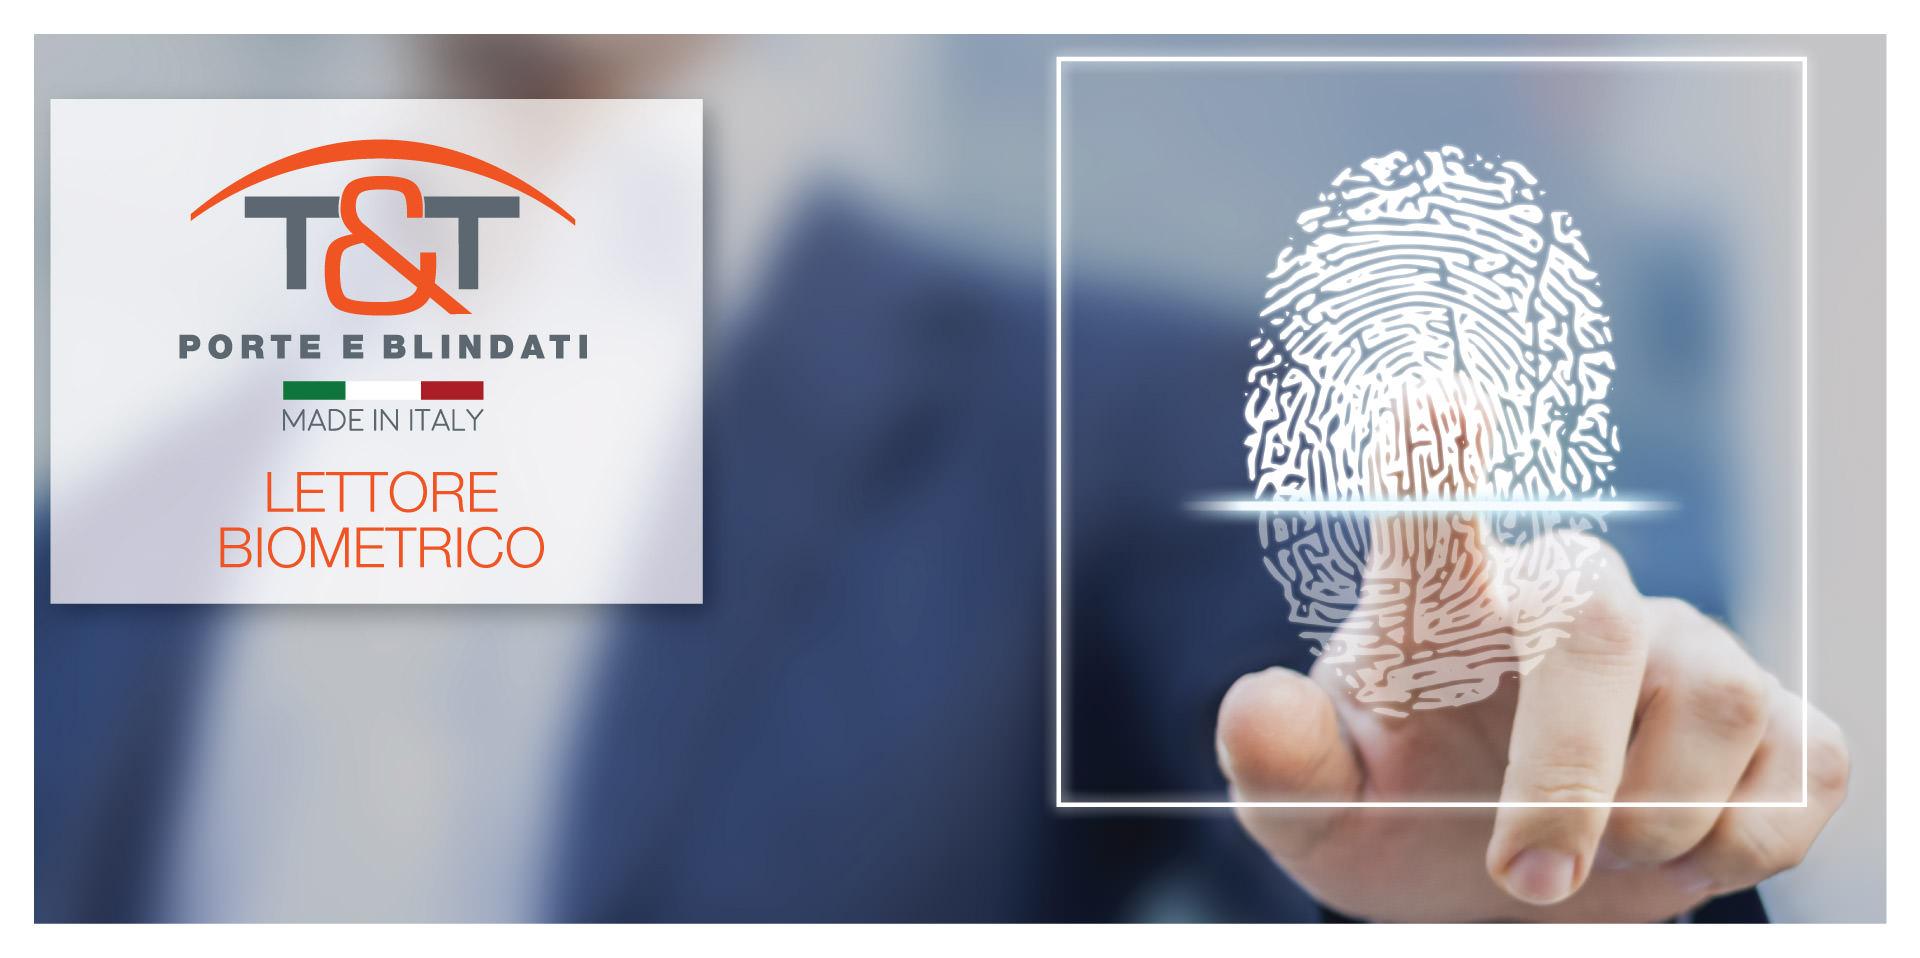 Porte Blindate 3.0 è questo il concetto che, sempre di più, ci spinge sulla ricerca e l'innovazione tecnologica, per questo motivo vi presentiamo due nuovi accessori per le vostre Porte Blindate e per la vostra sicurezza.